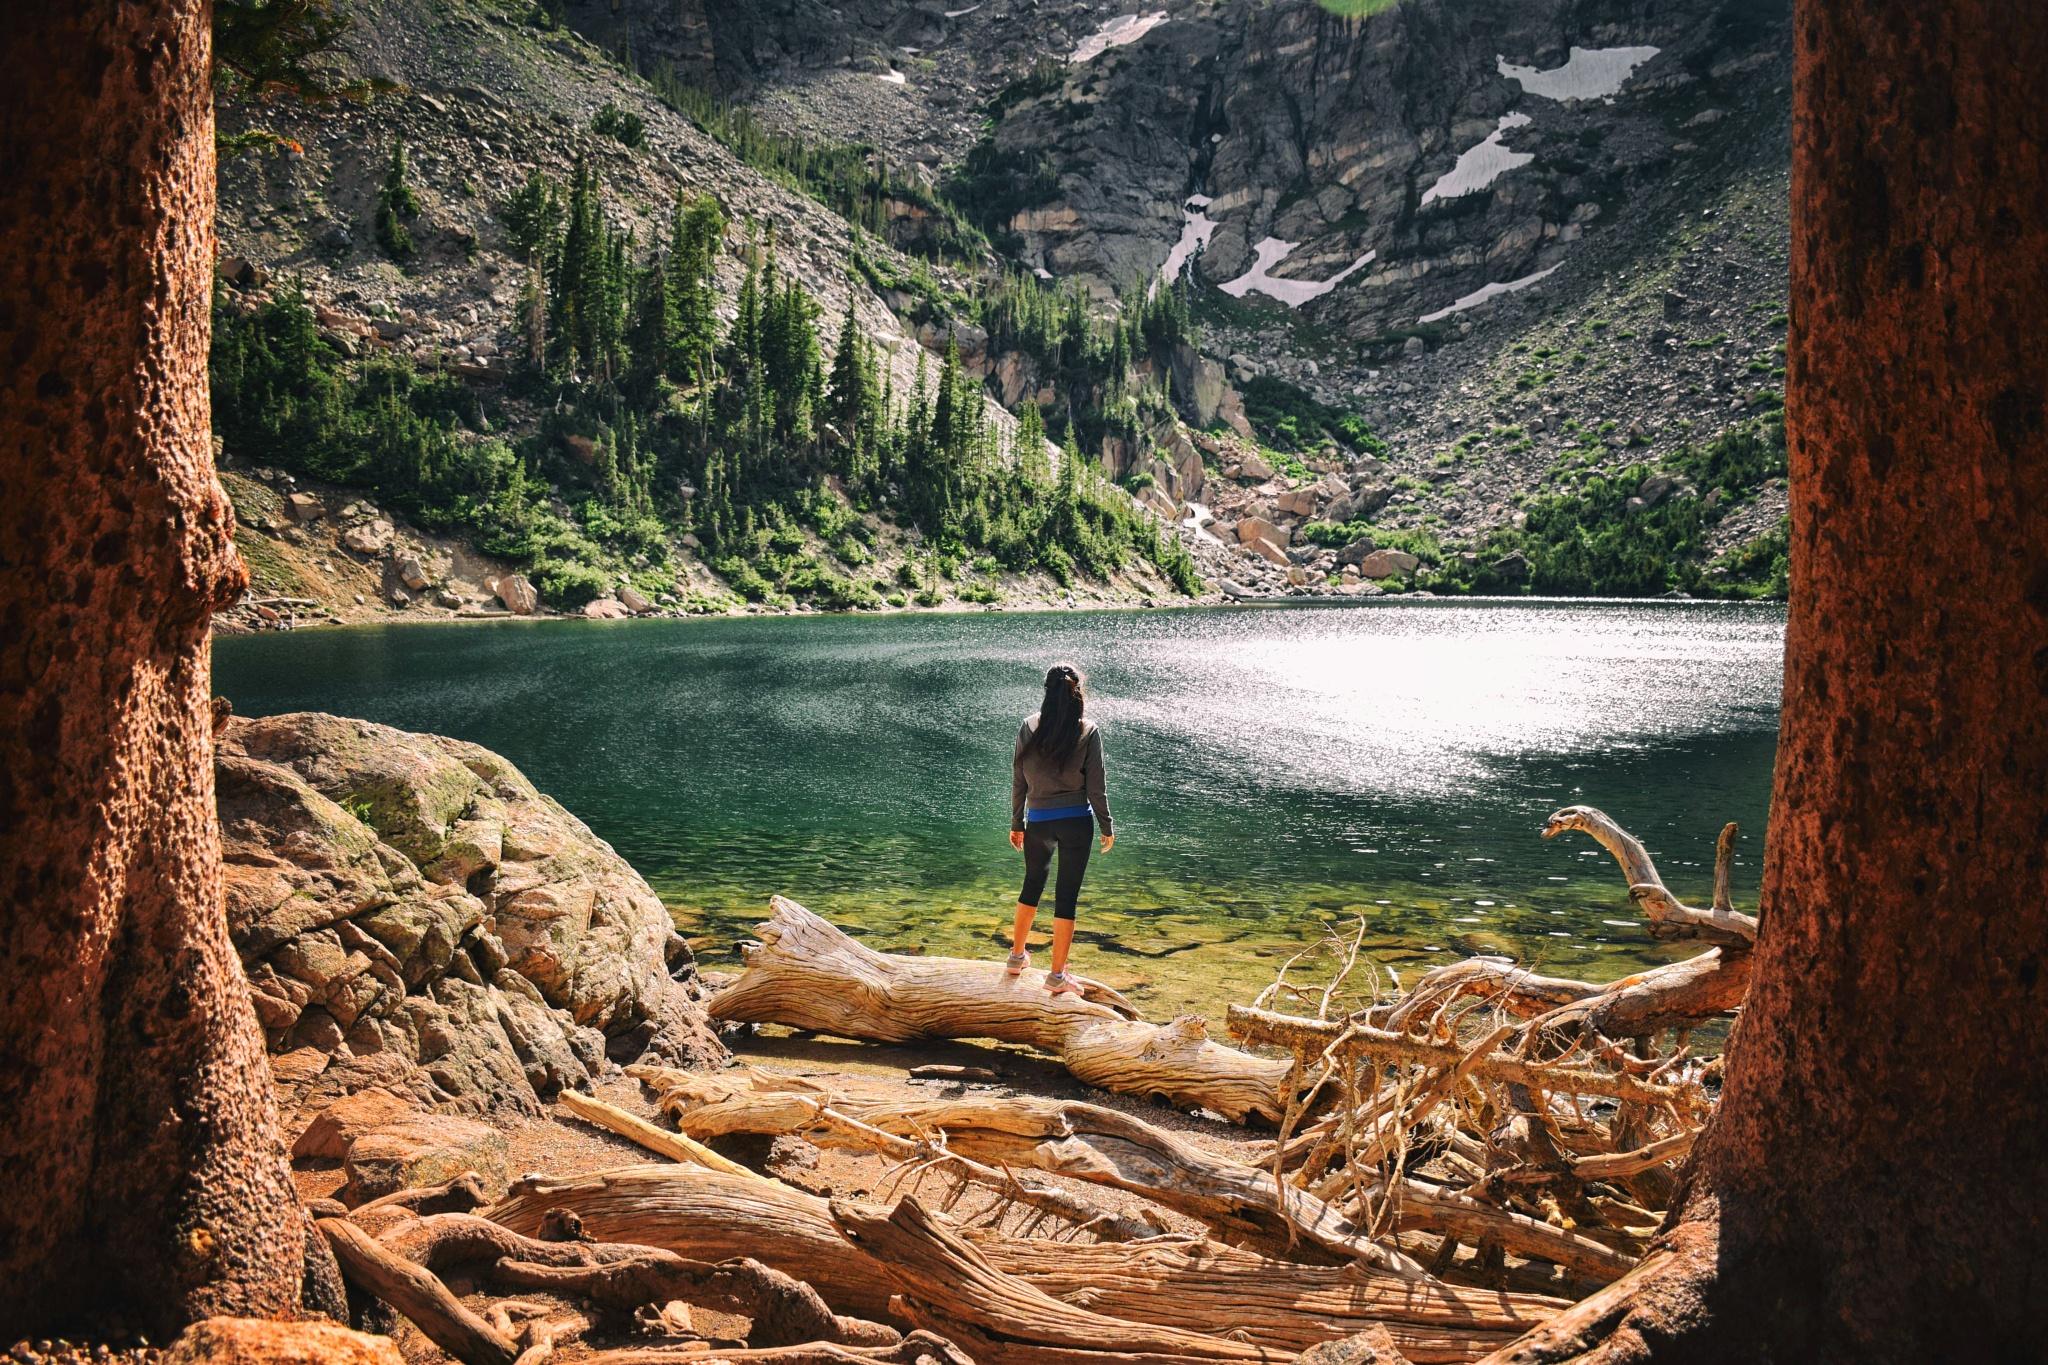 Emerald Lake by Neel